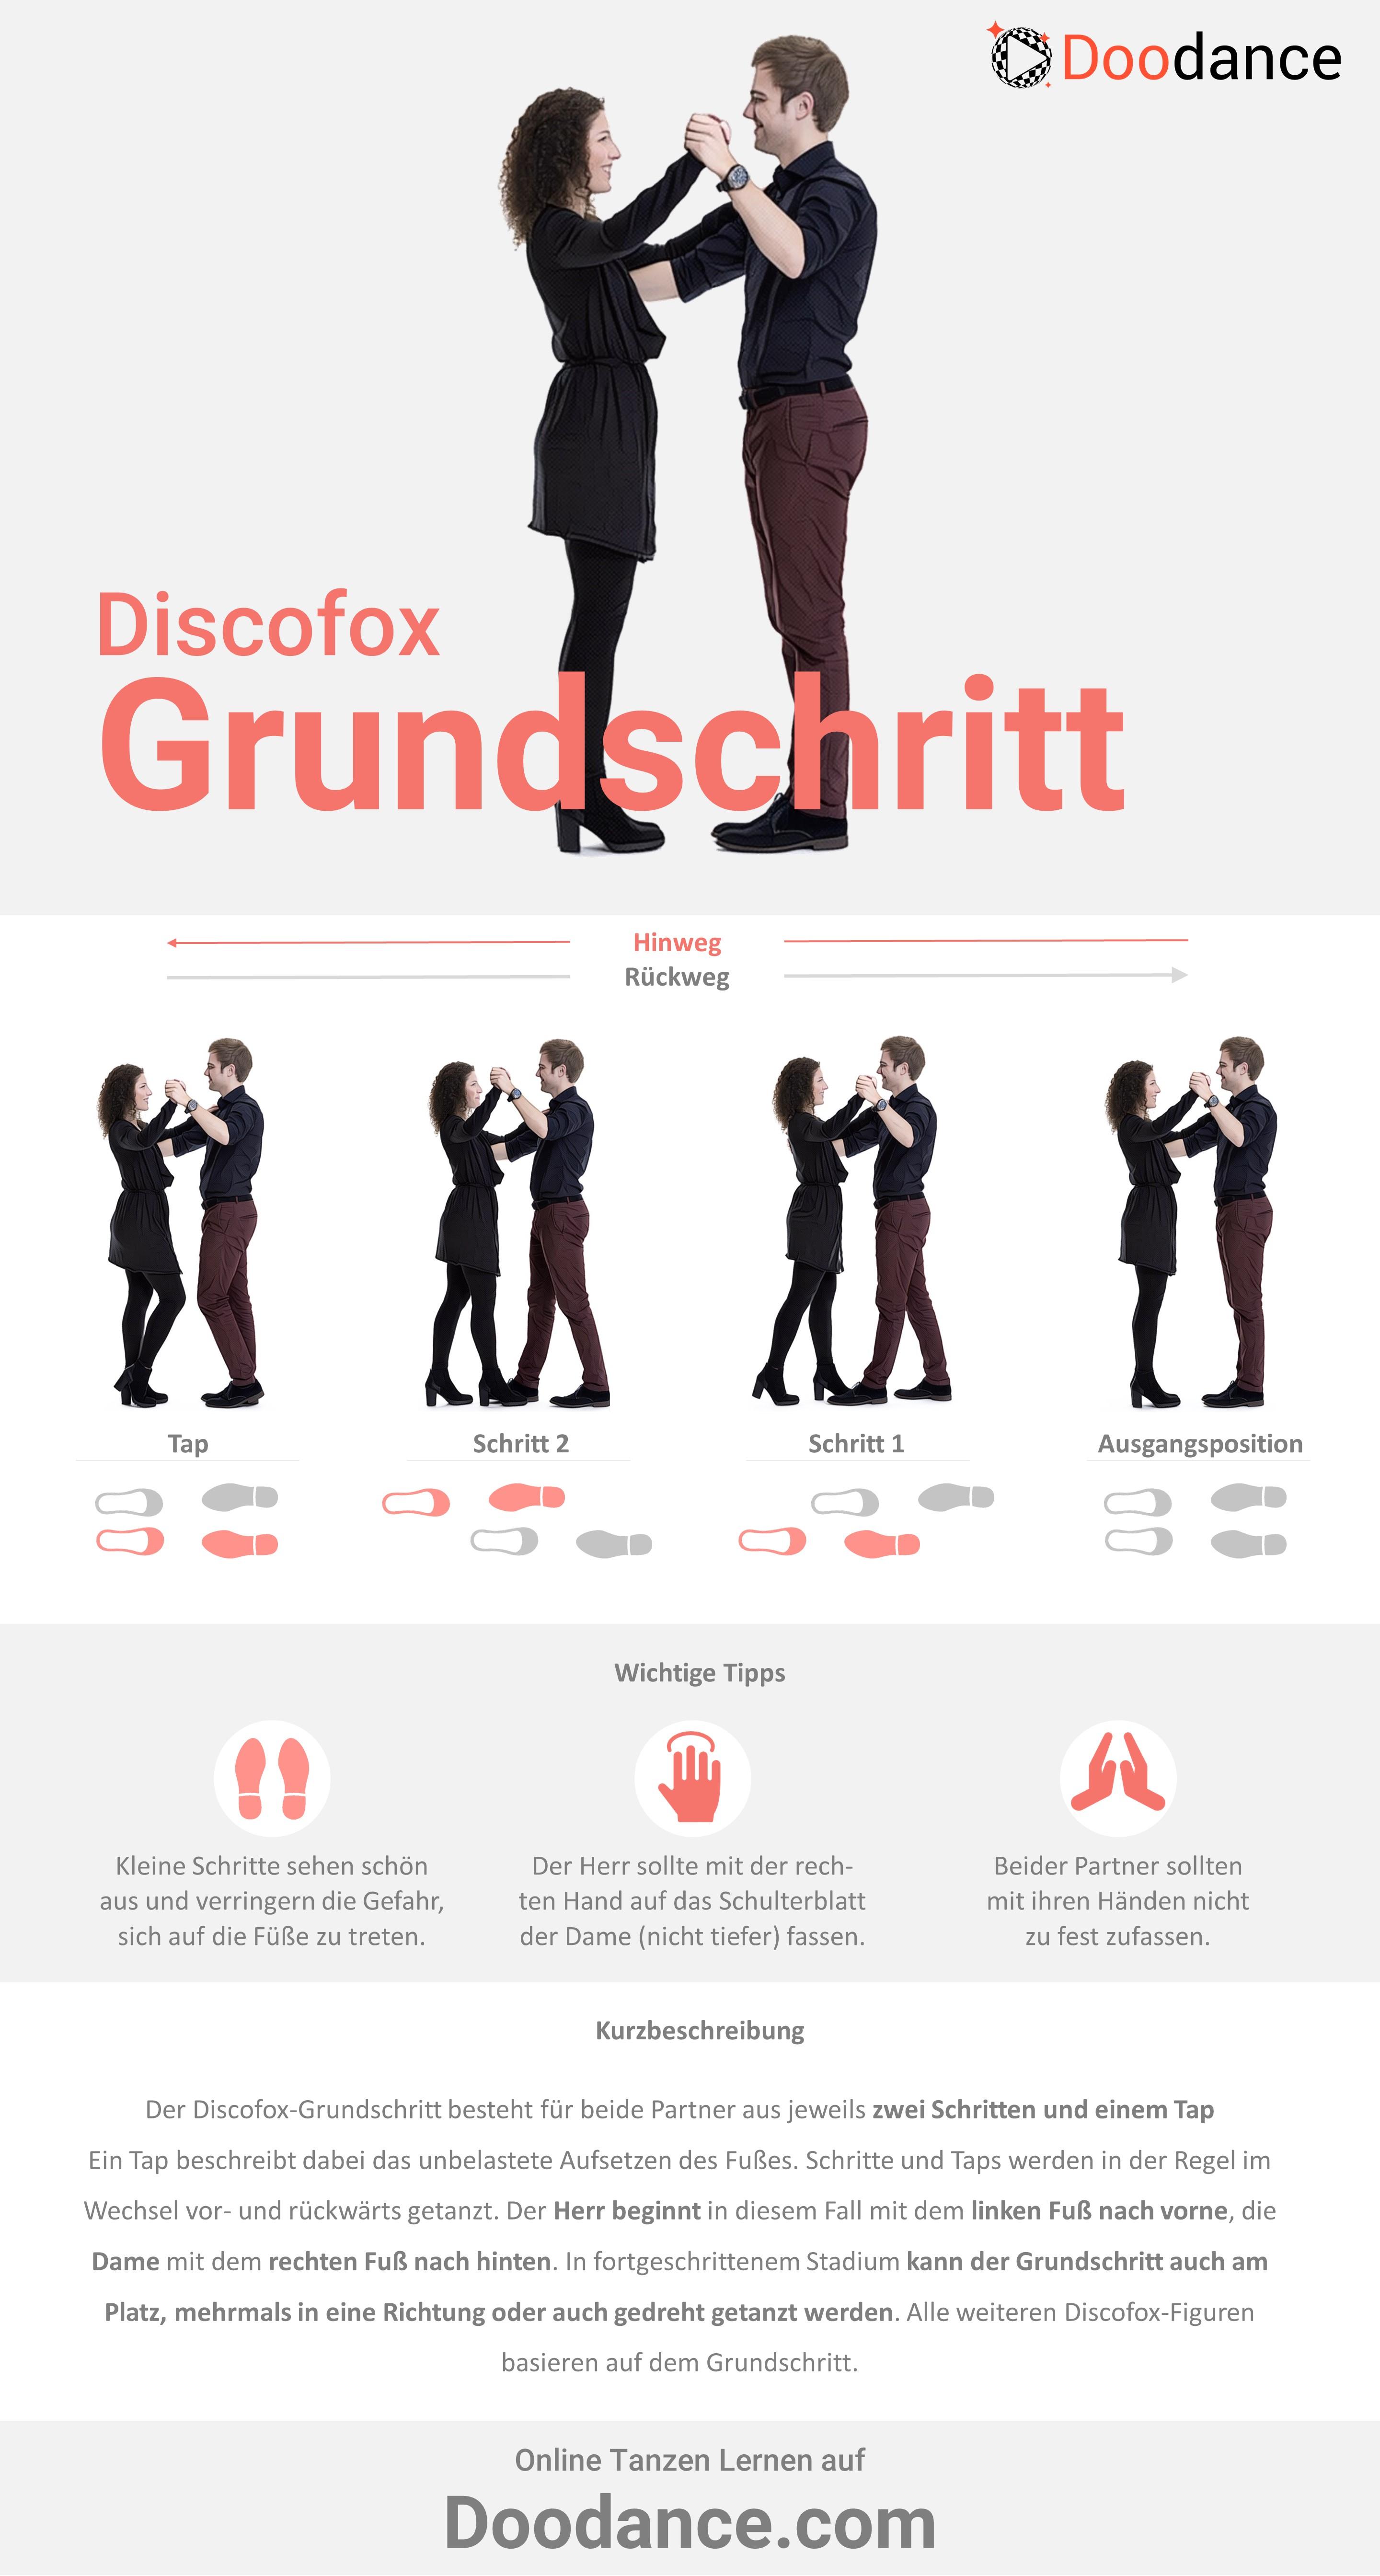 Doodance_Infografik_Discofox_Der Grundschritt